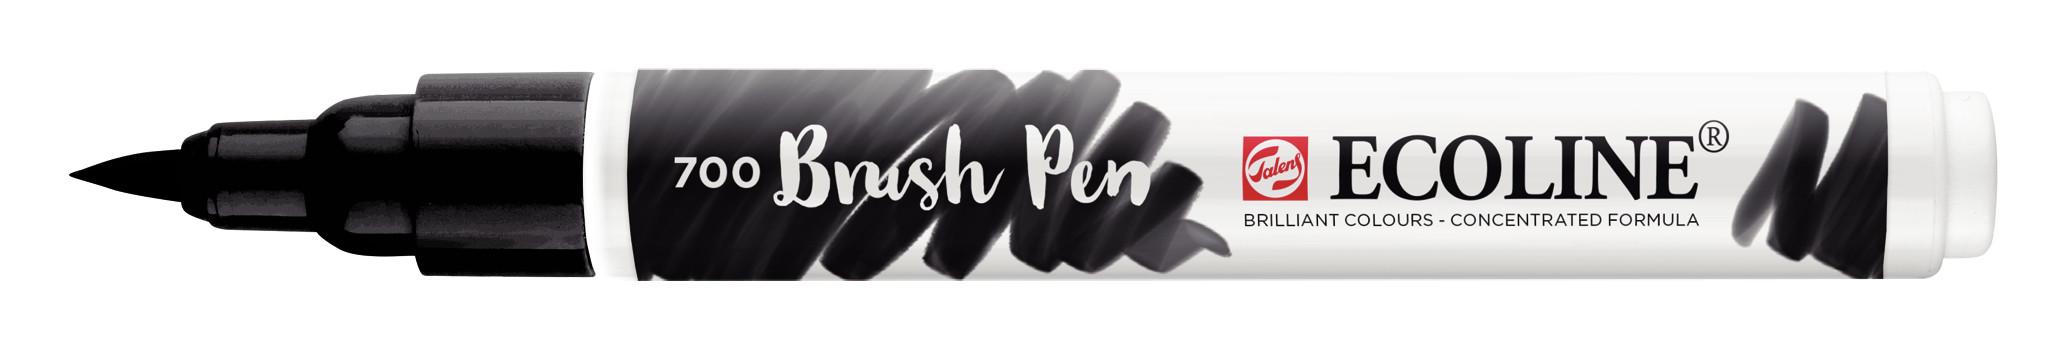 Ecoline Brush Pen Black 700